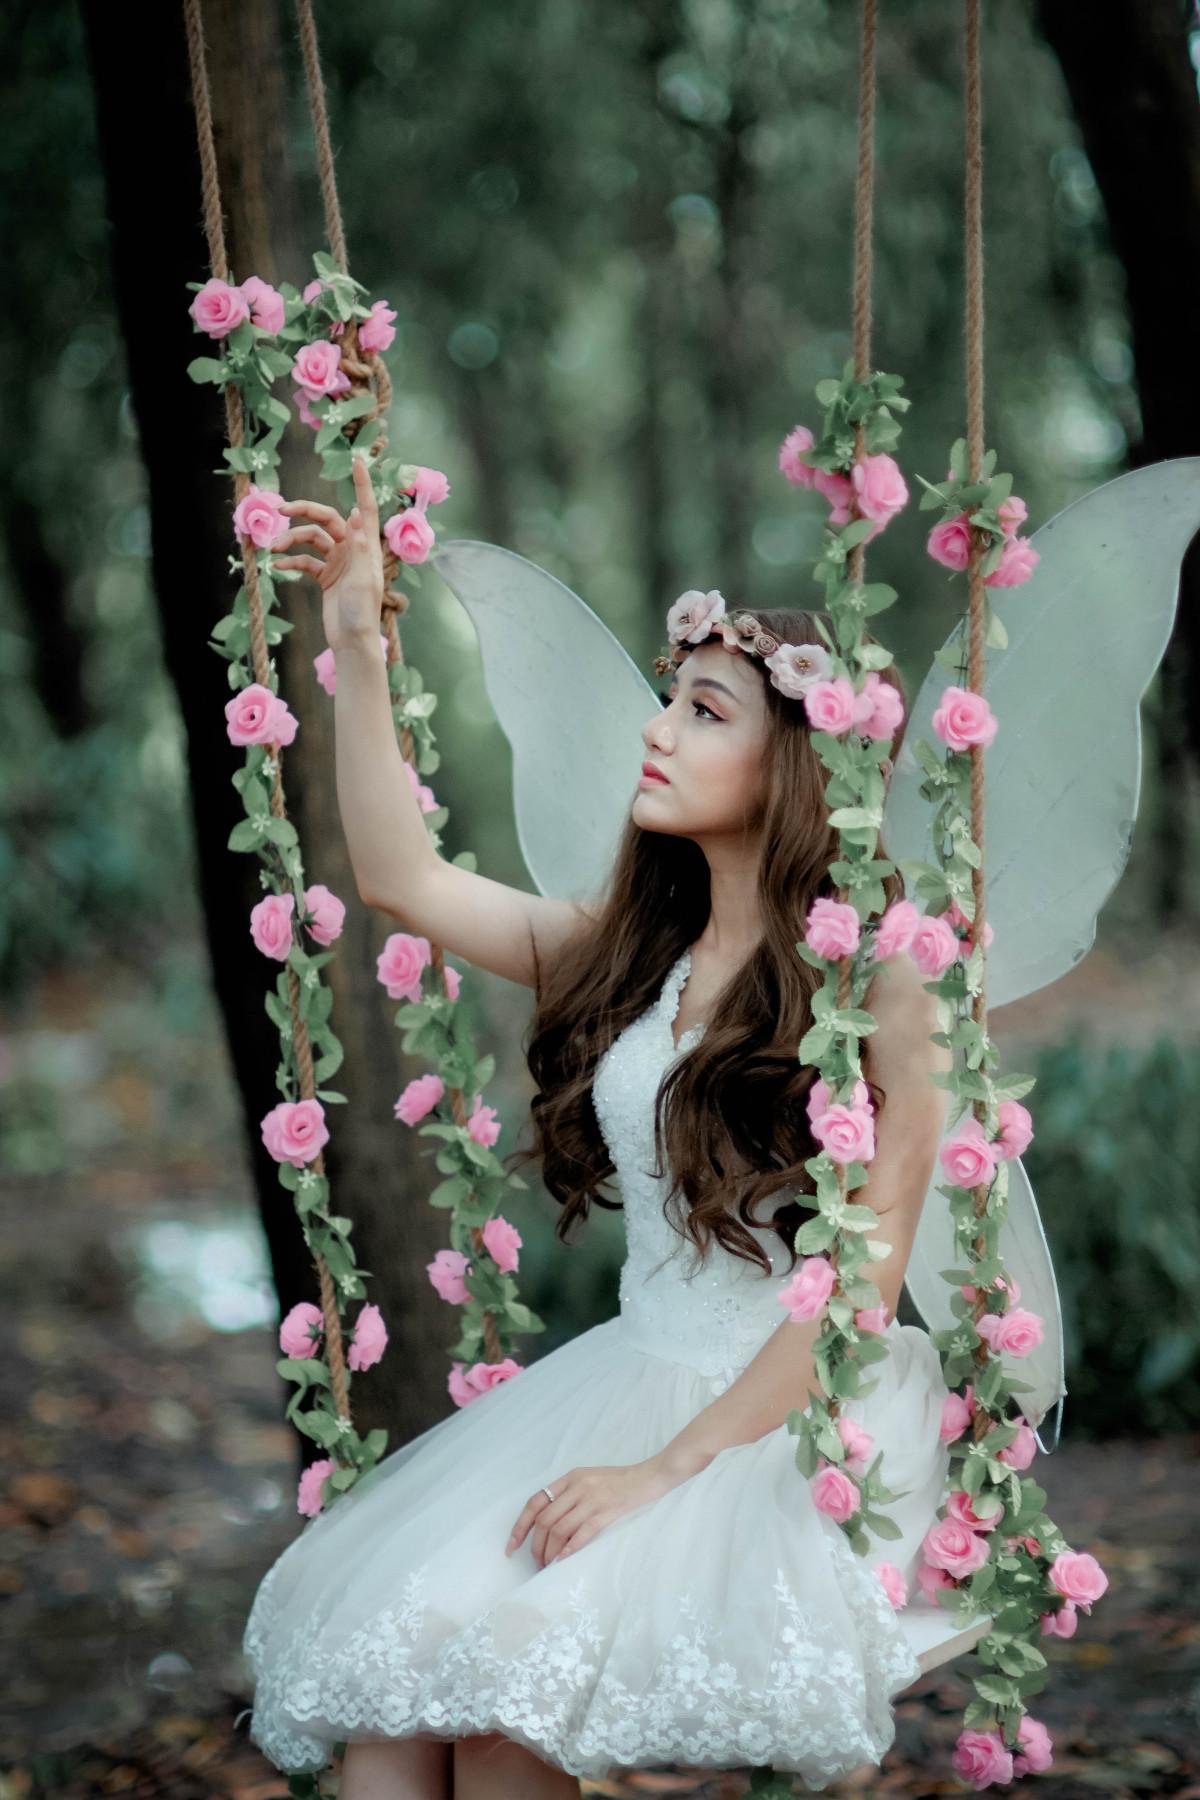 Faerie Princess depiction